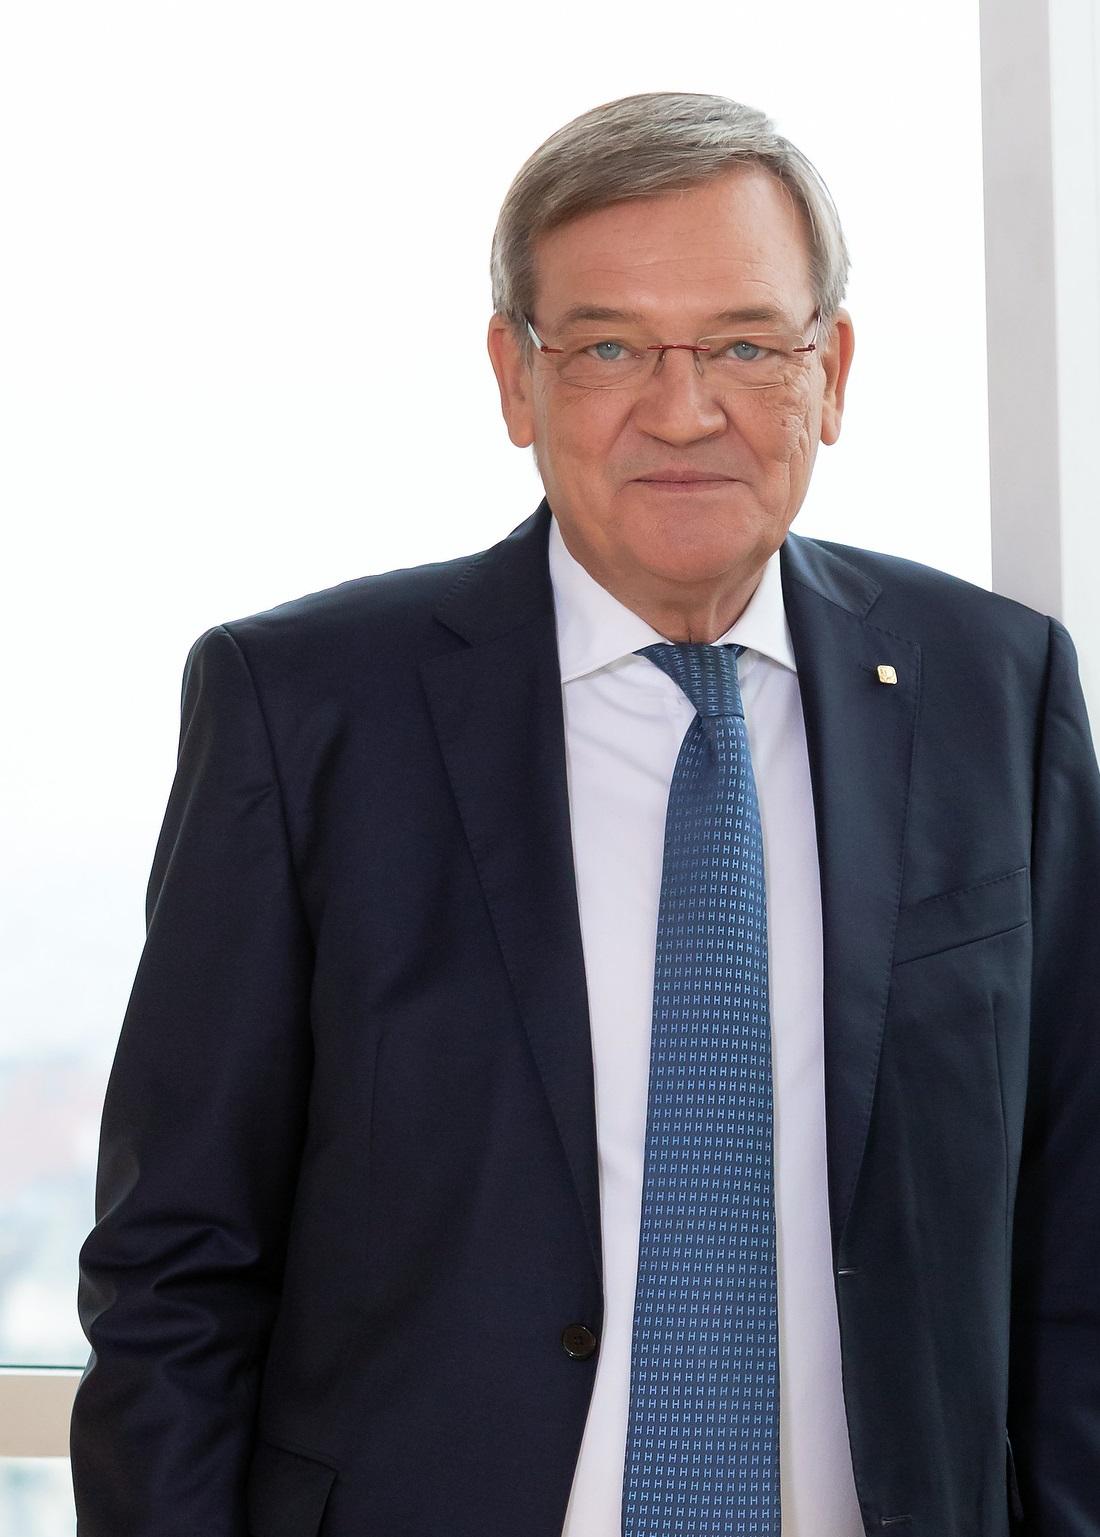 © Wiener Städtische Versicherungsverein/Ludwig Schedl